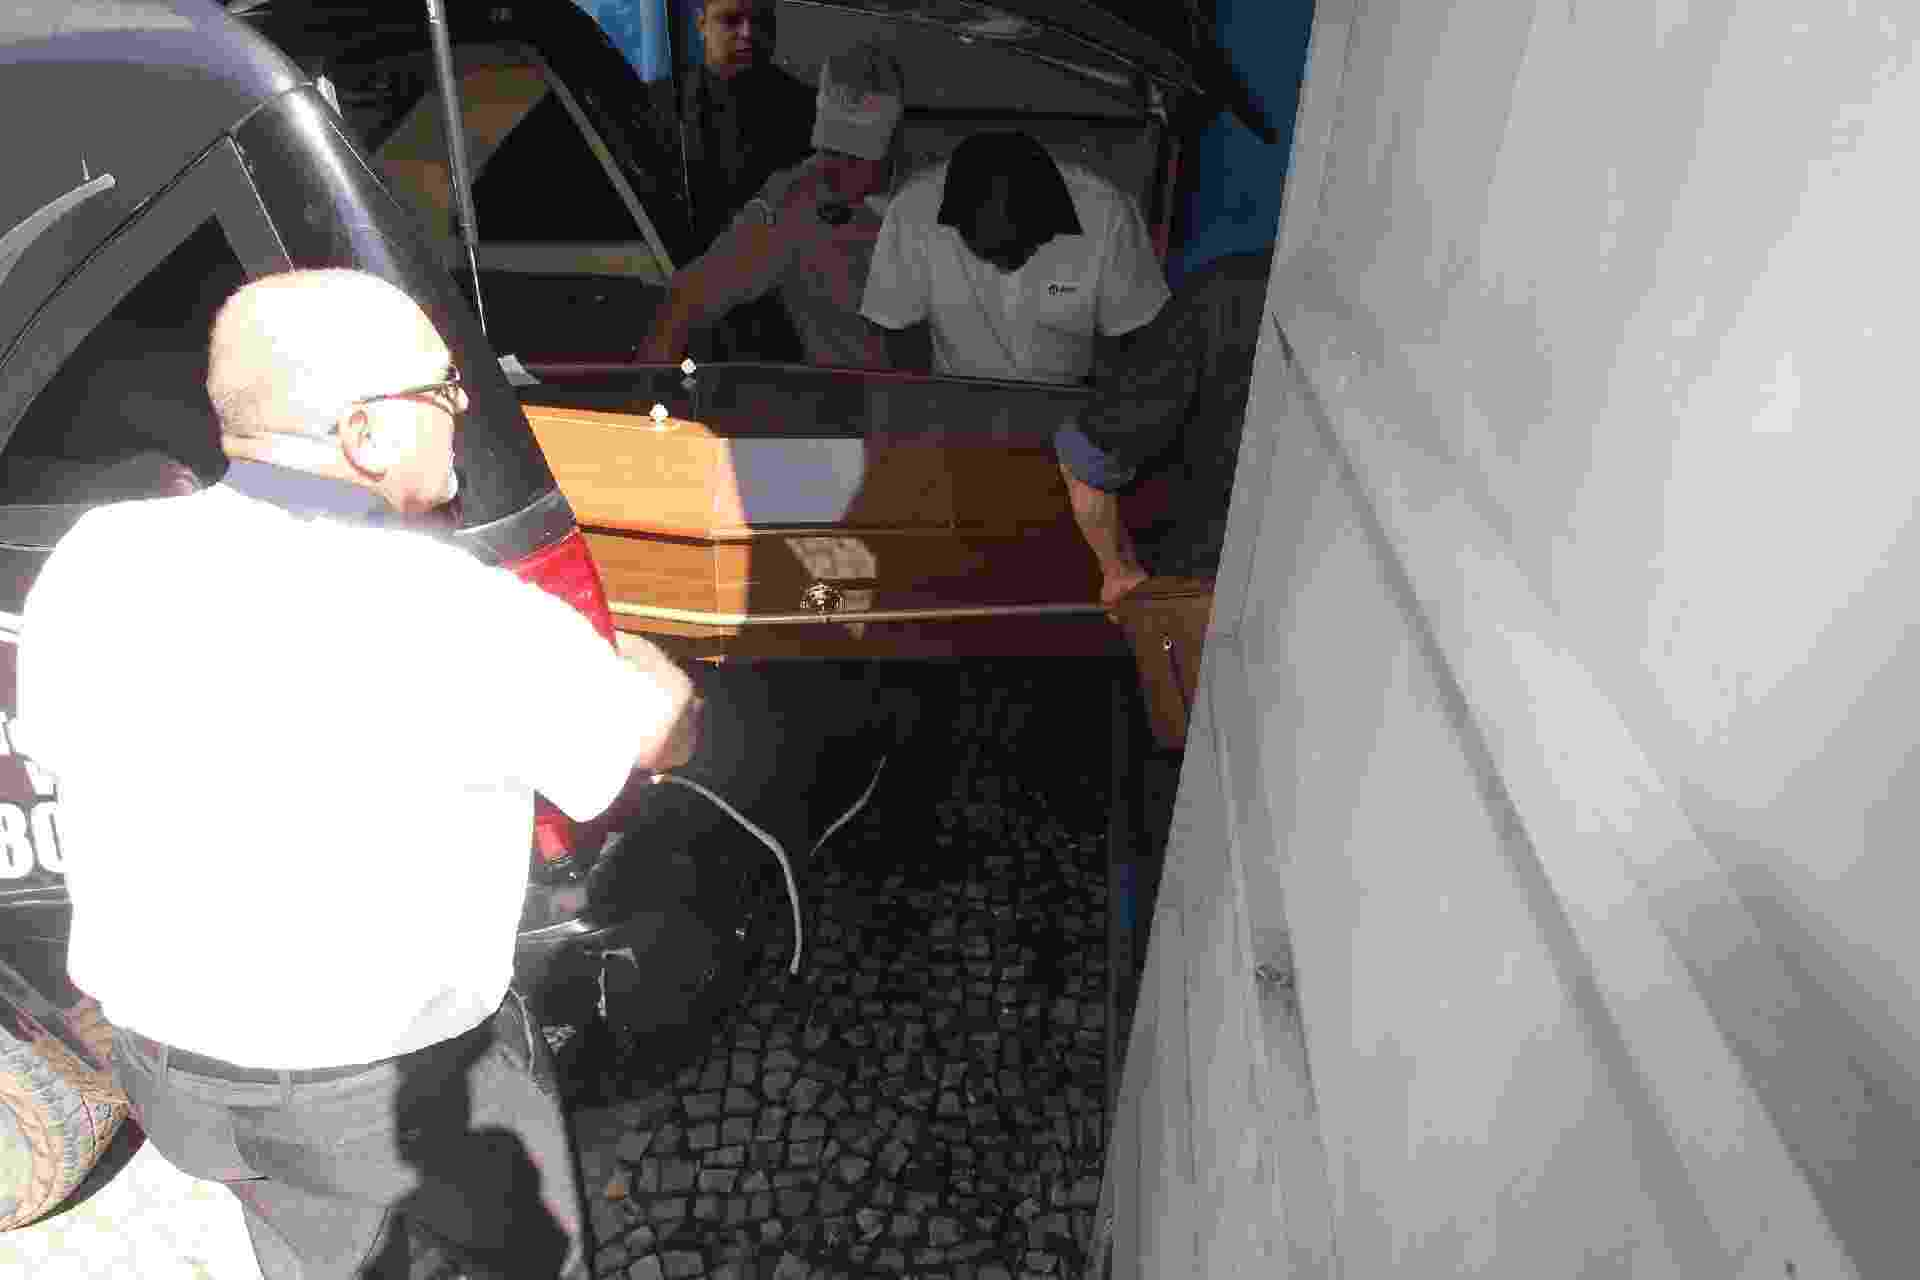 Corpo de Rogéria chega ao Teatro João Caetano, no centro do Rio de Janeiro, onde será velado - Marcello Sá Barretto/AgNews